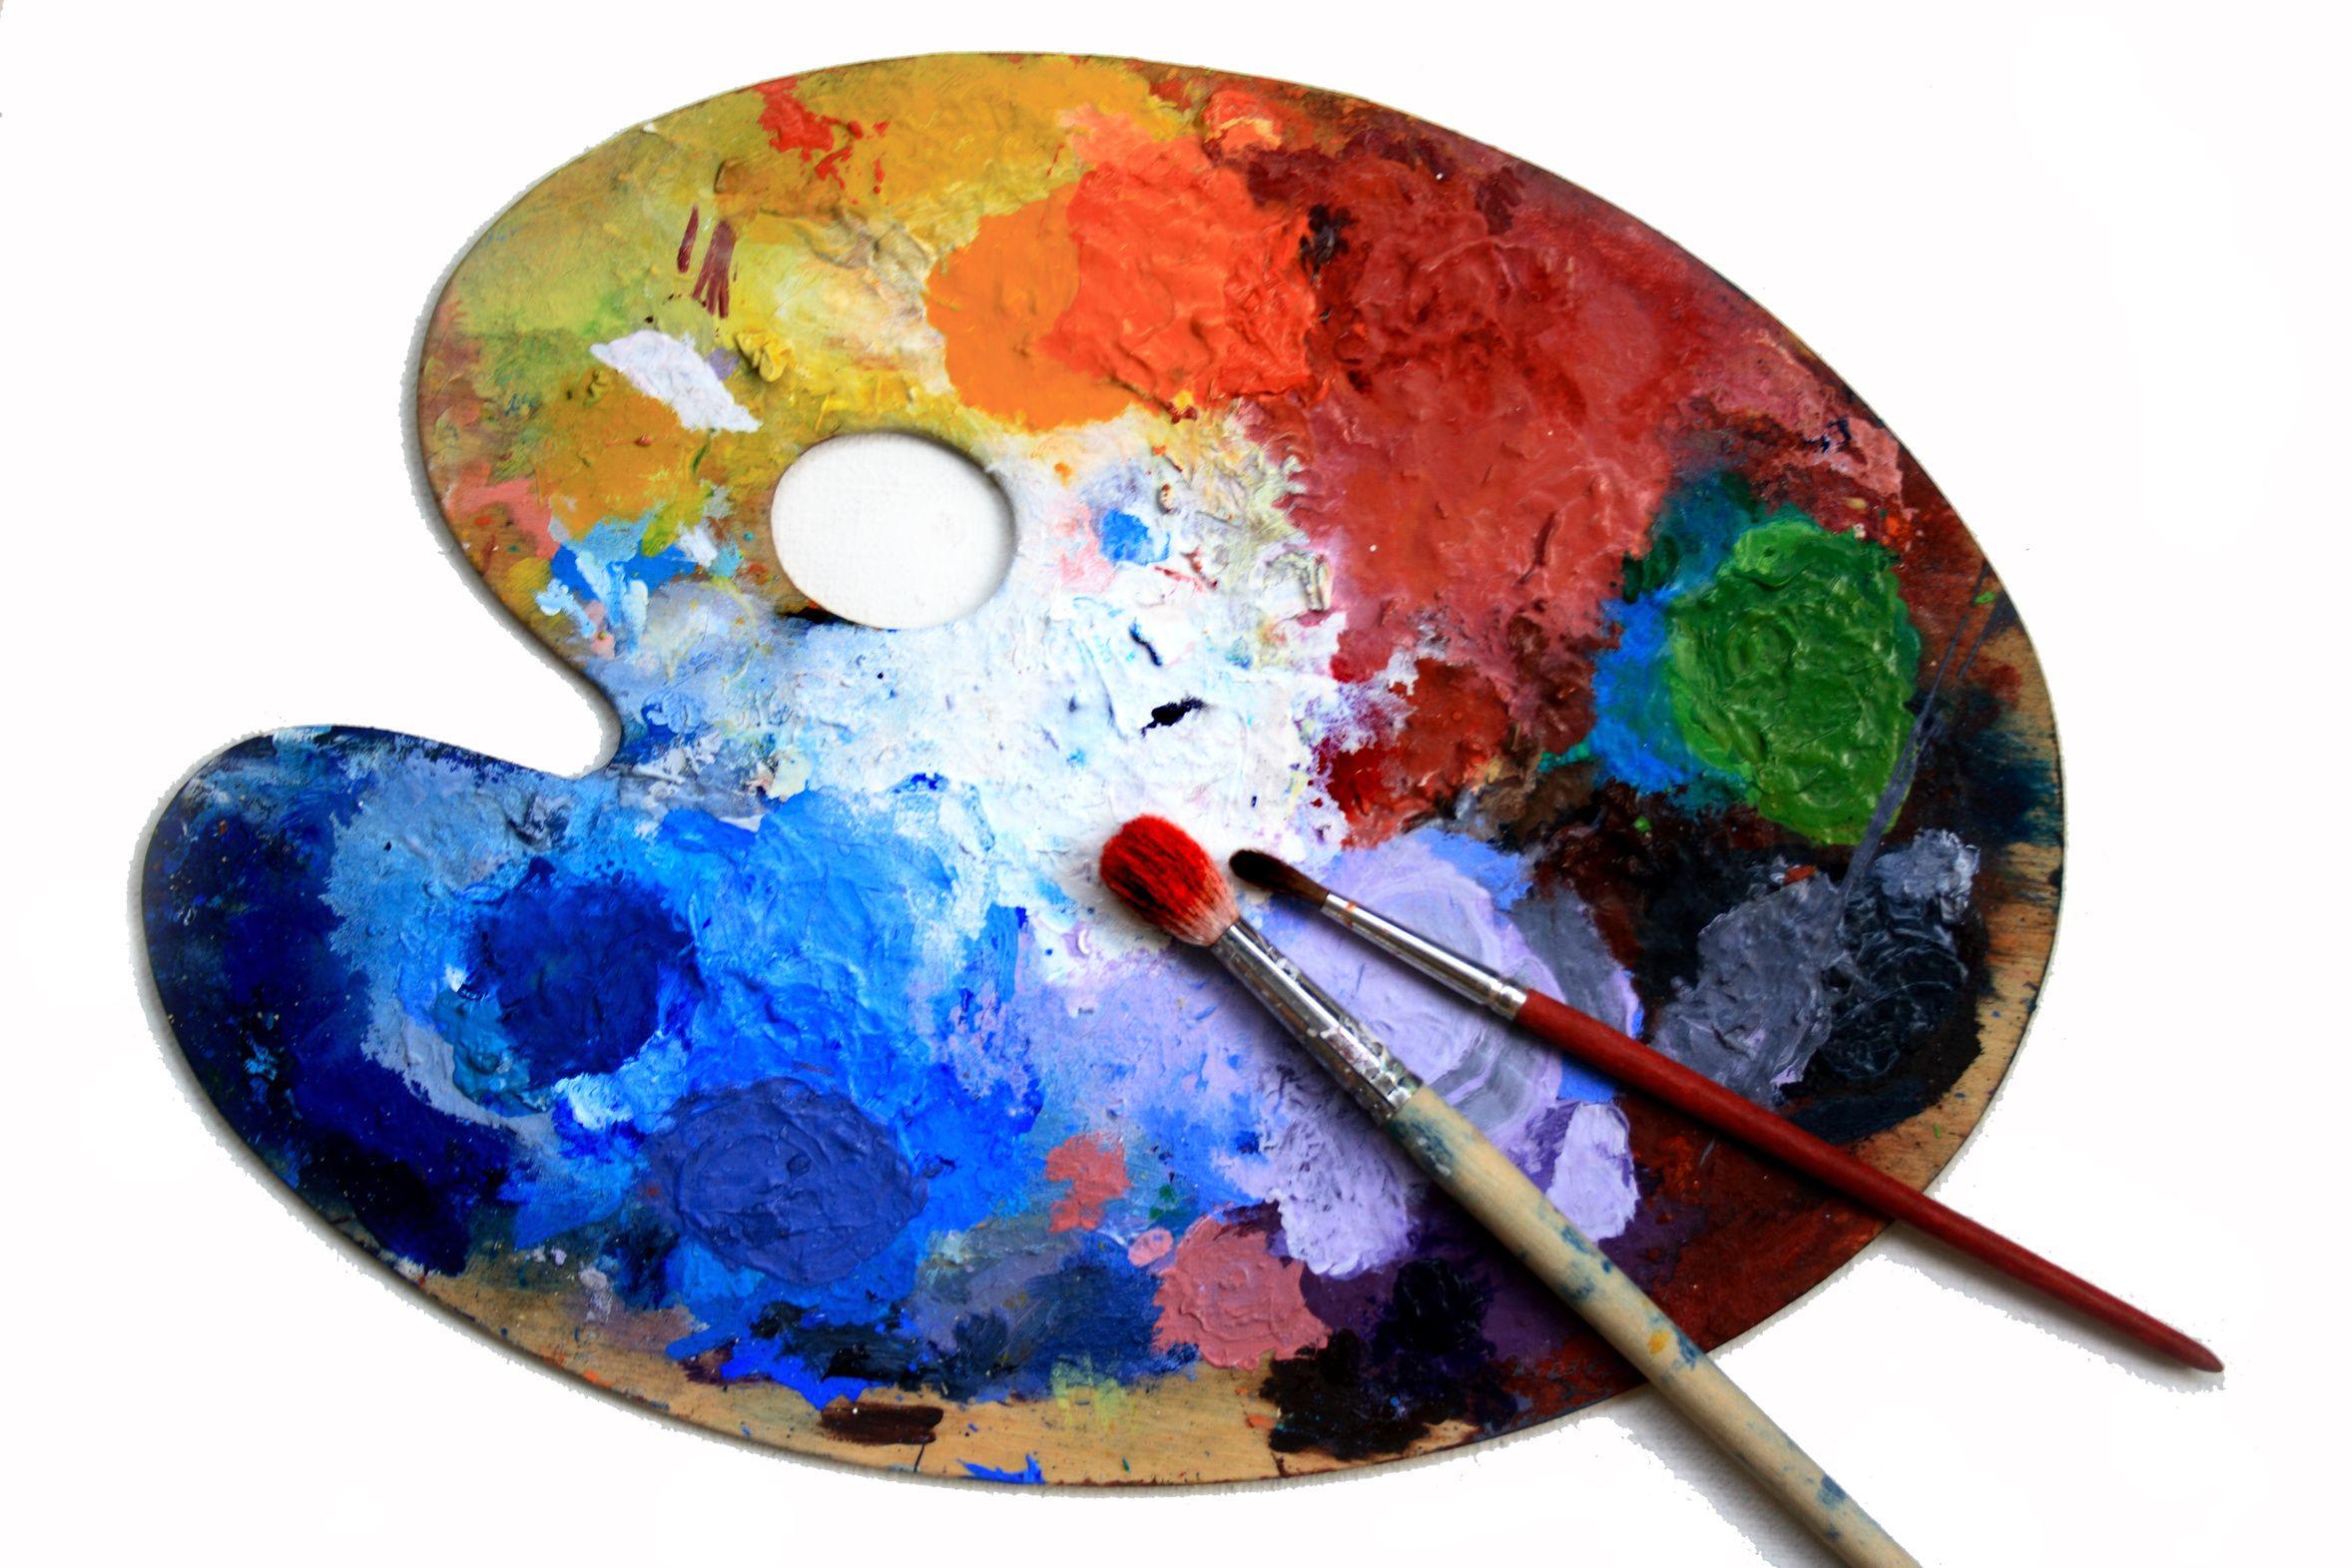 """Résultat de recherche d'images pour """"ma palette pour peindre"""""""